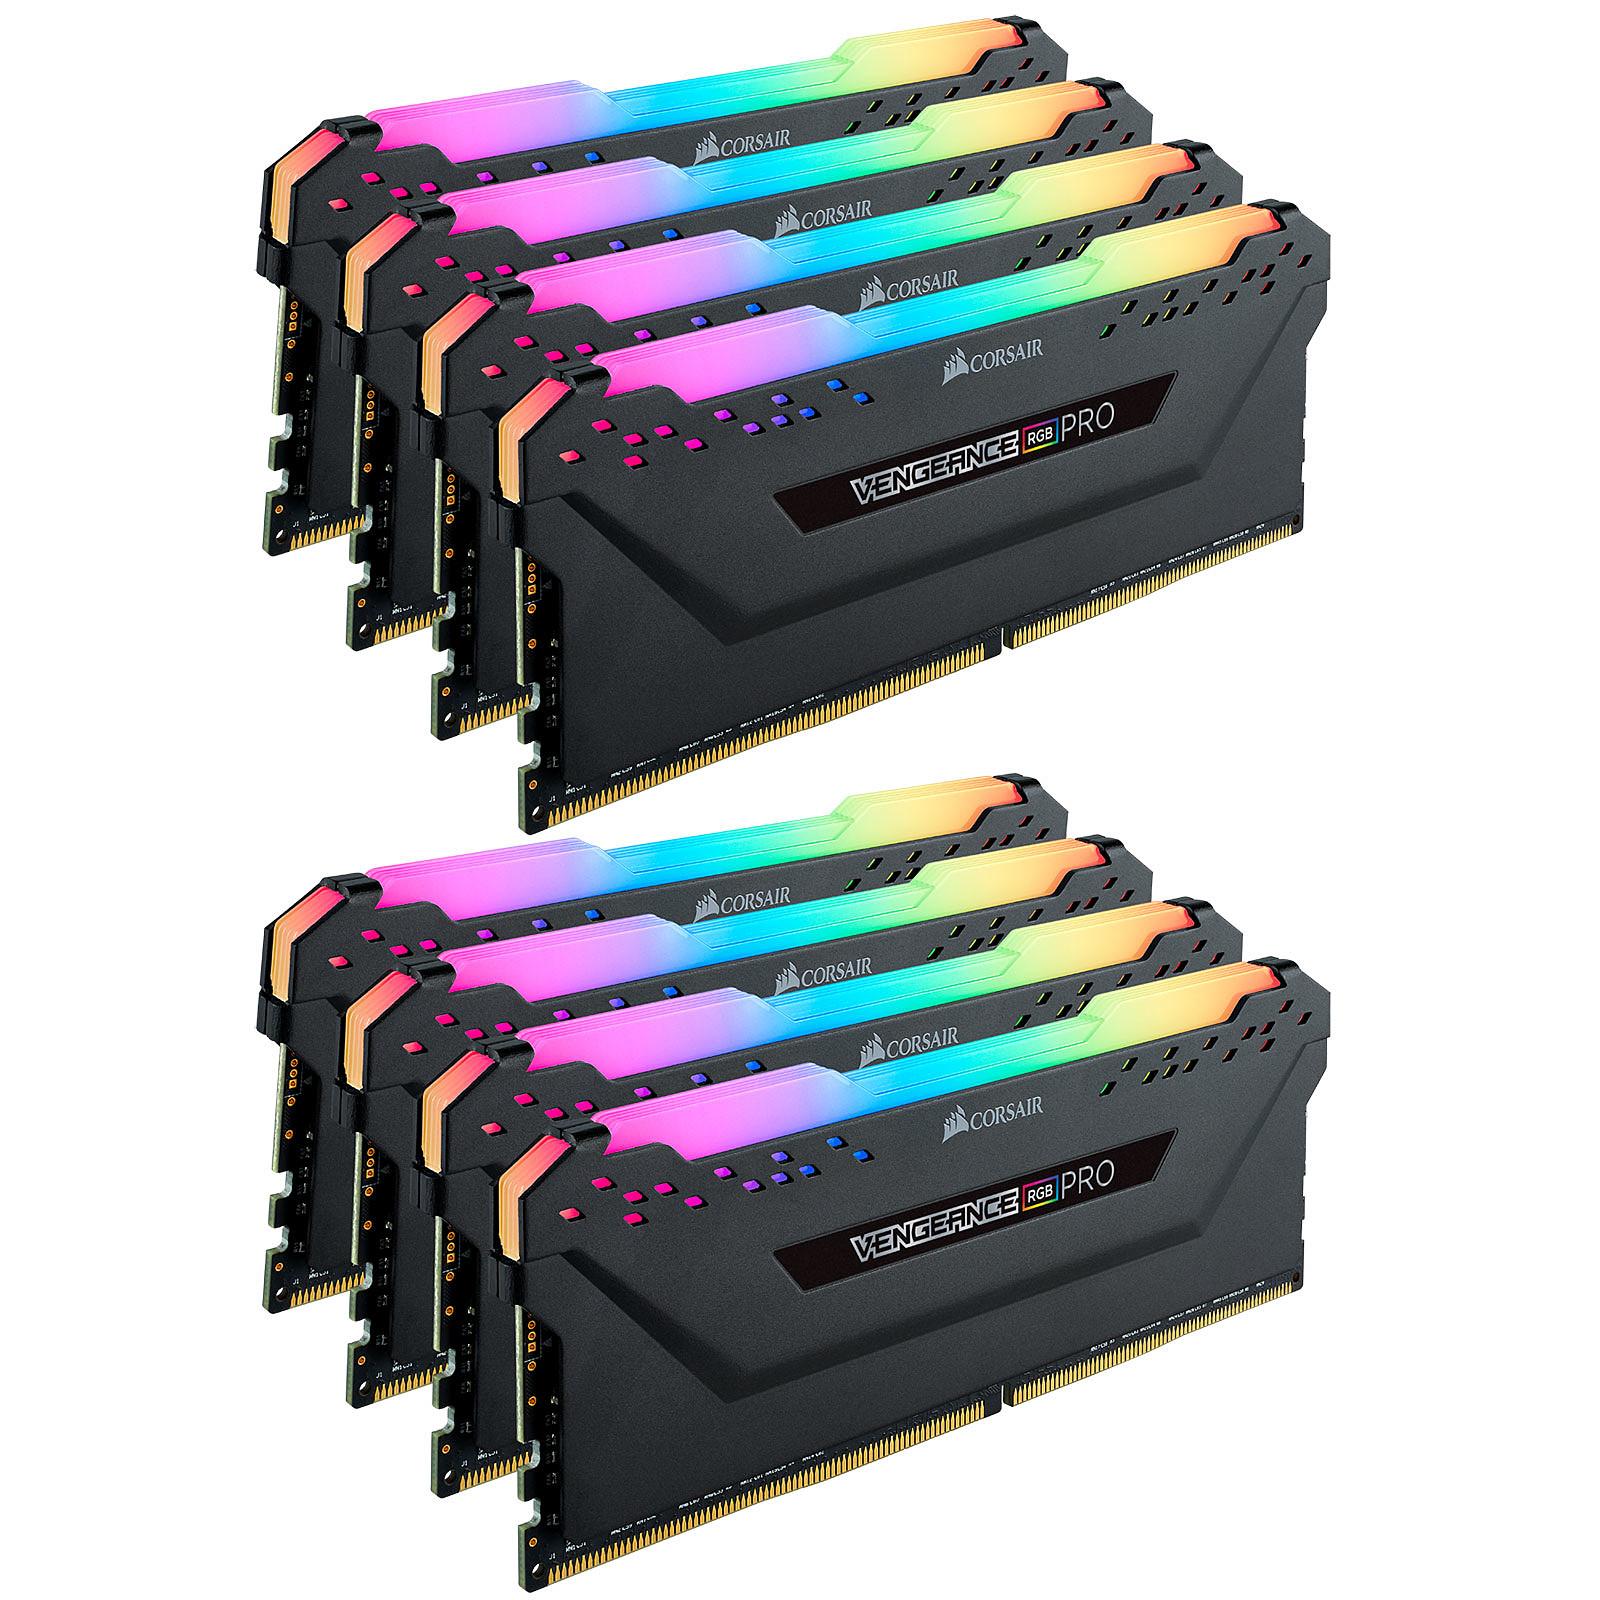 Corsair Vengeance RGB PRO Series 128 Go (8x 16 Go) DDR4 2666 MHz CL16